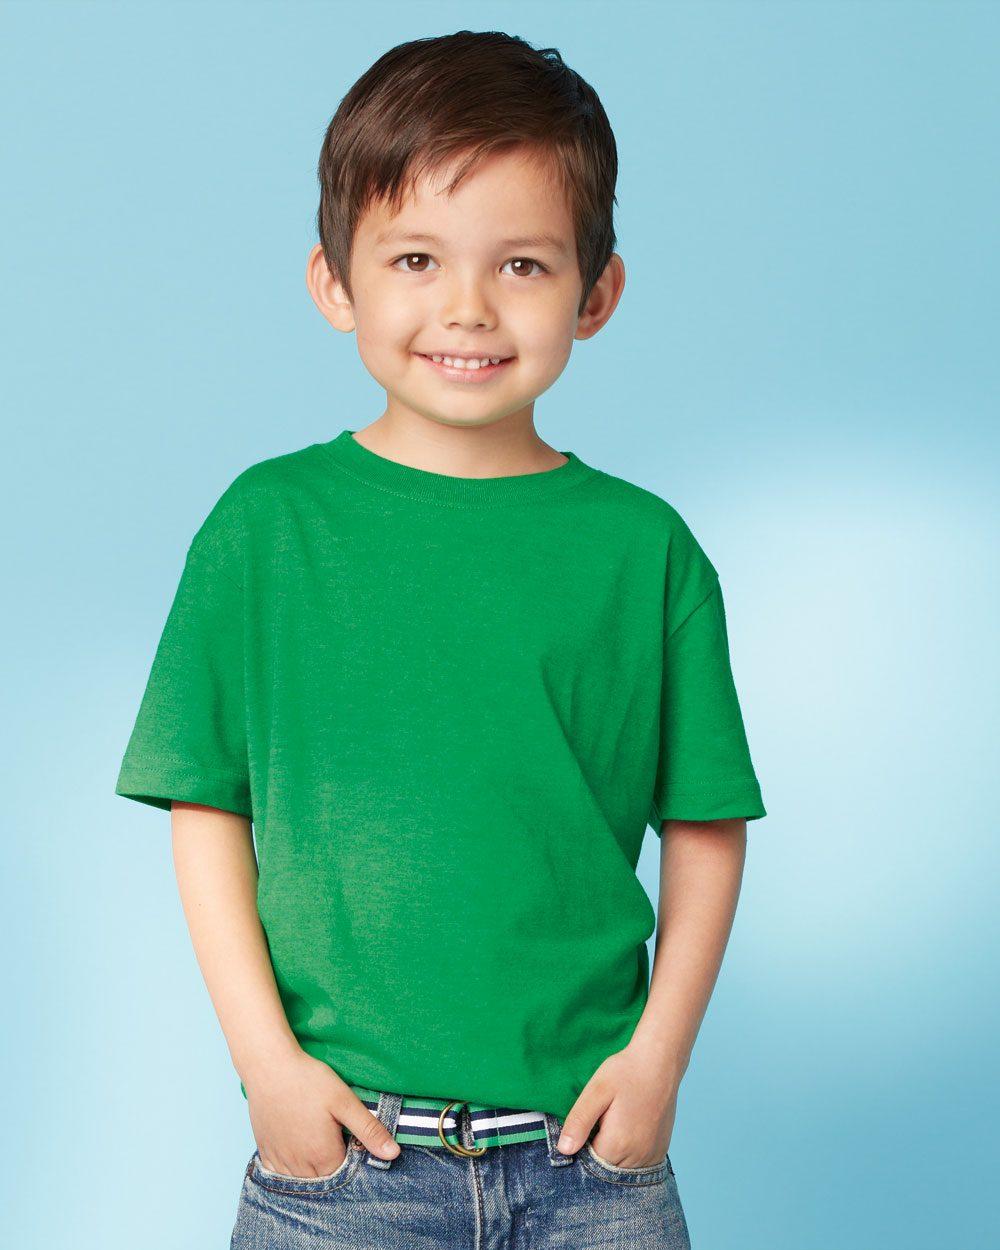 Rabbit Skins Toddler Vintage T Shirt 3305 Evan Webster Ink